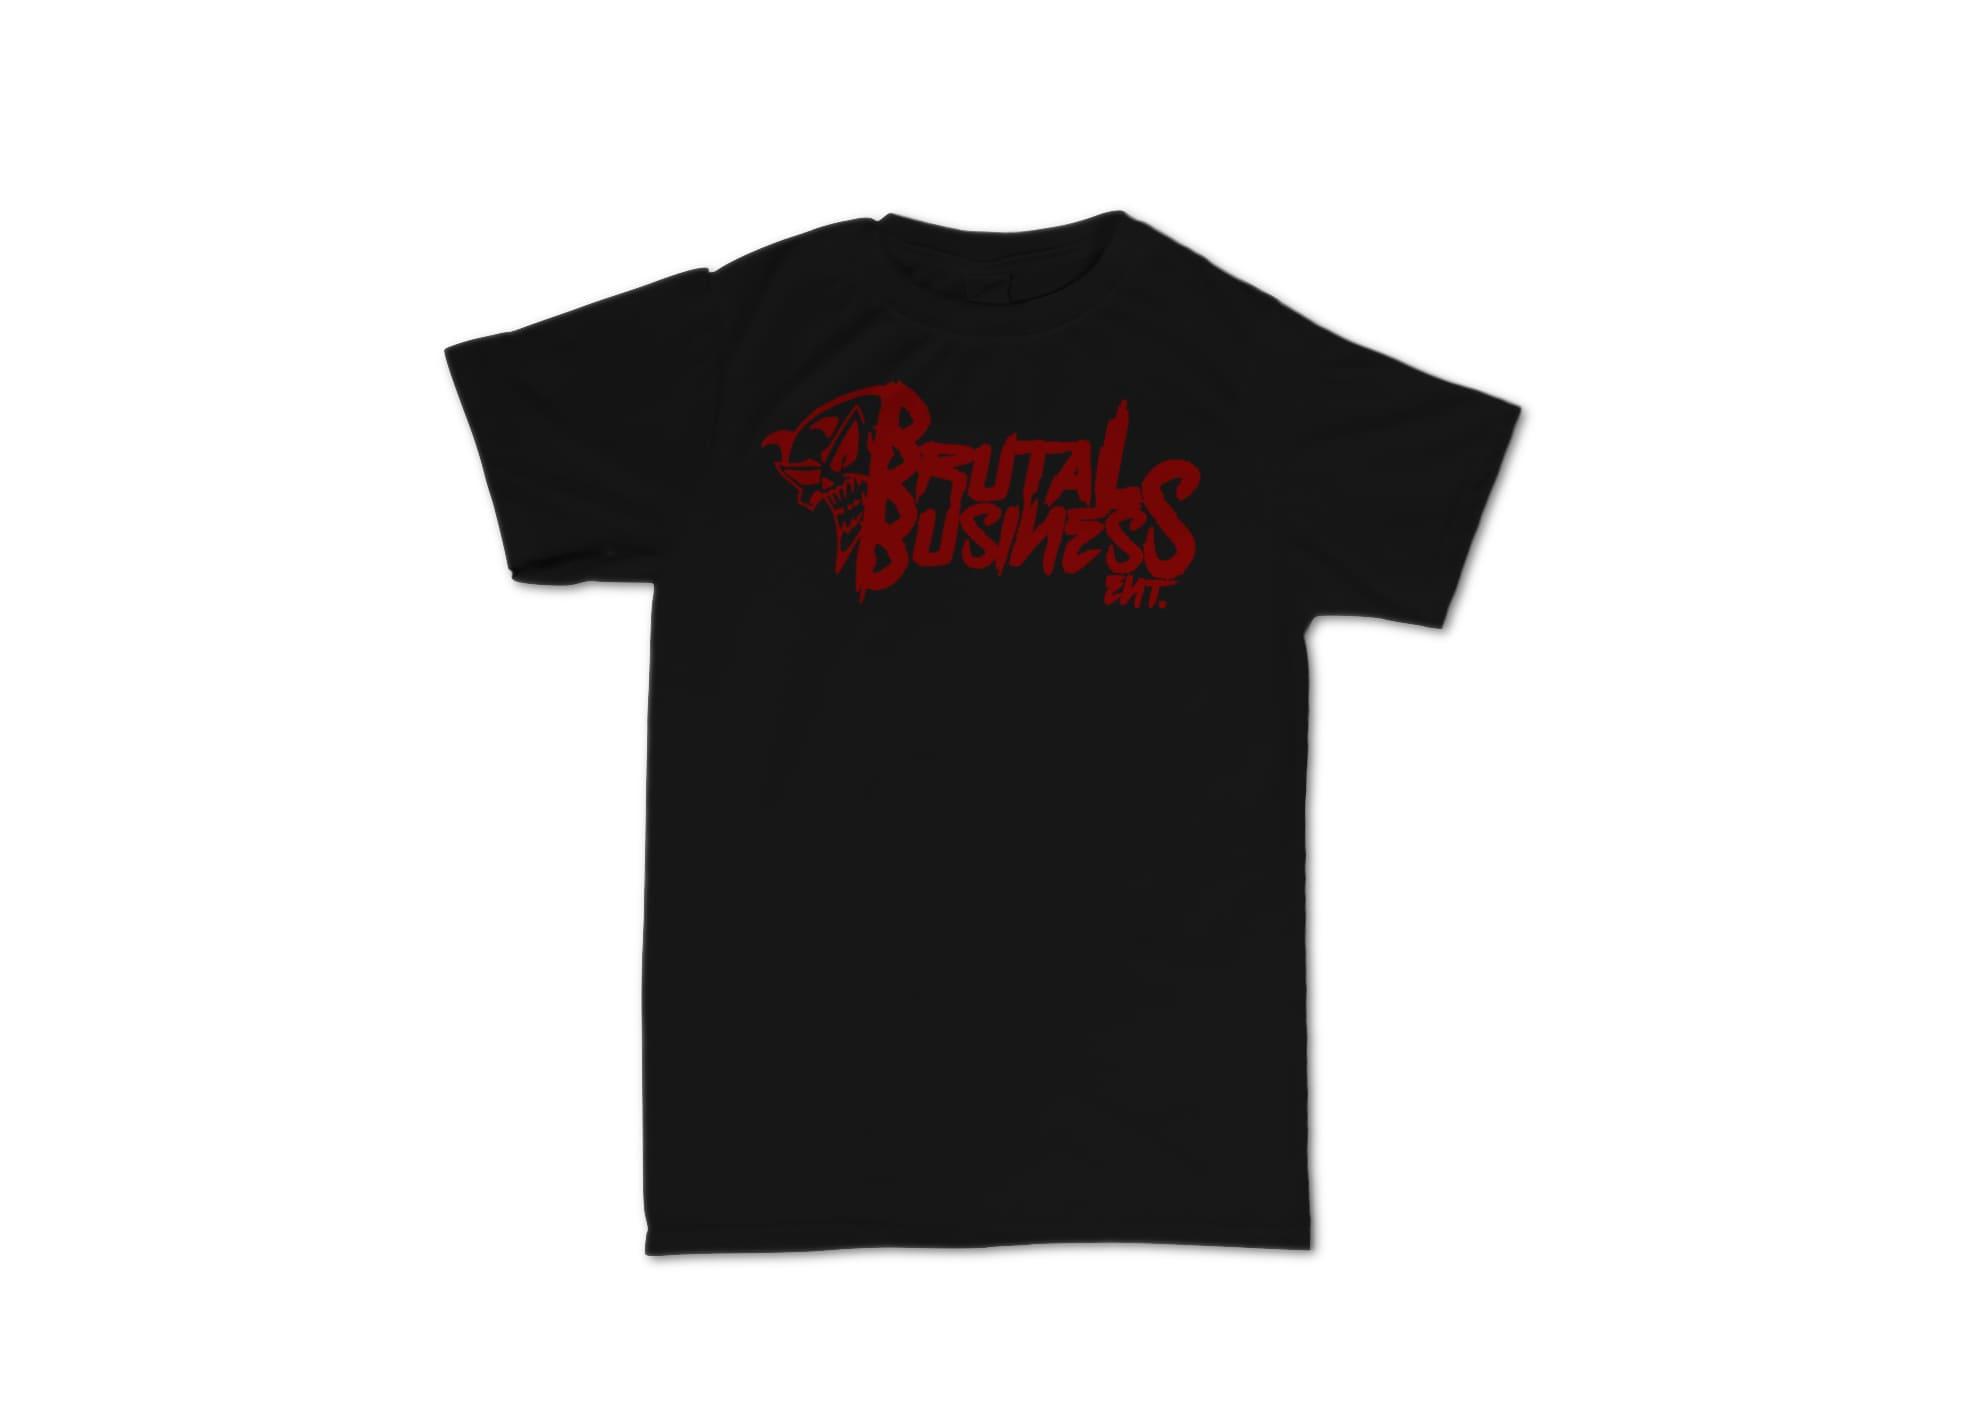 Brutal business ent brutal business  black  1595802887